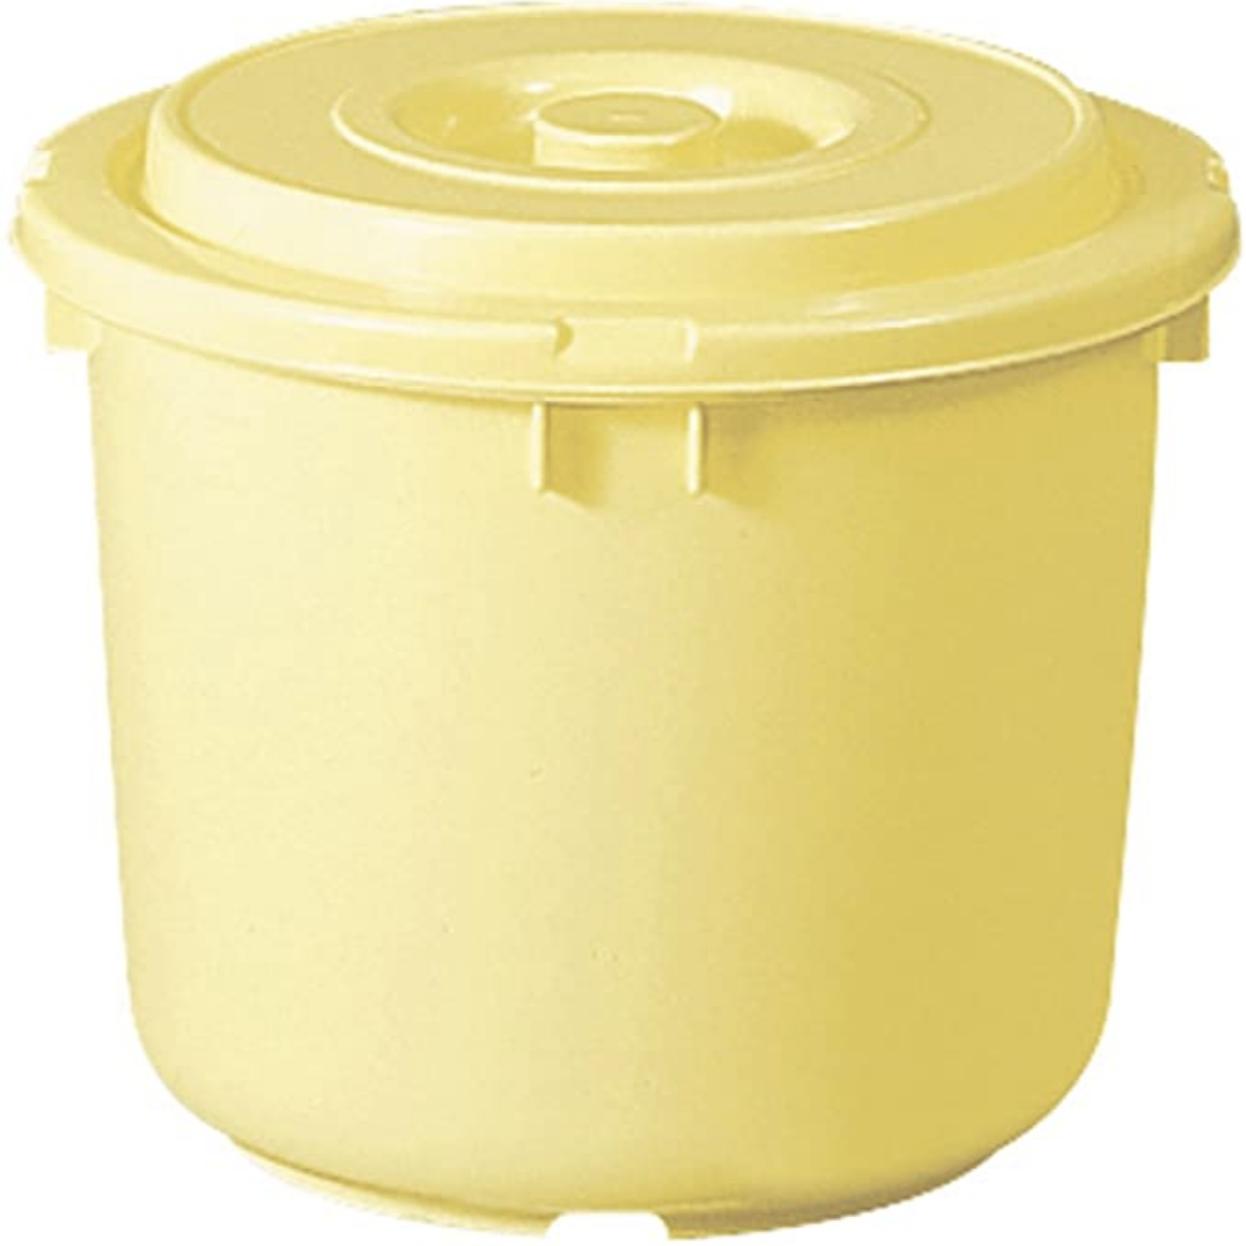 トンボ製の漬物容器の画像